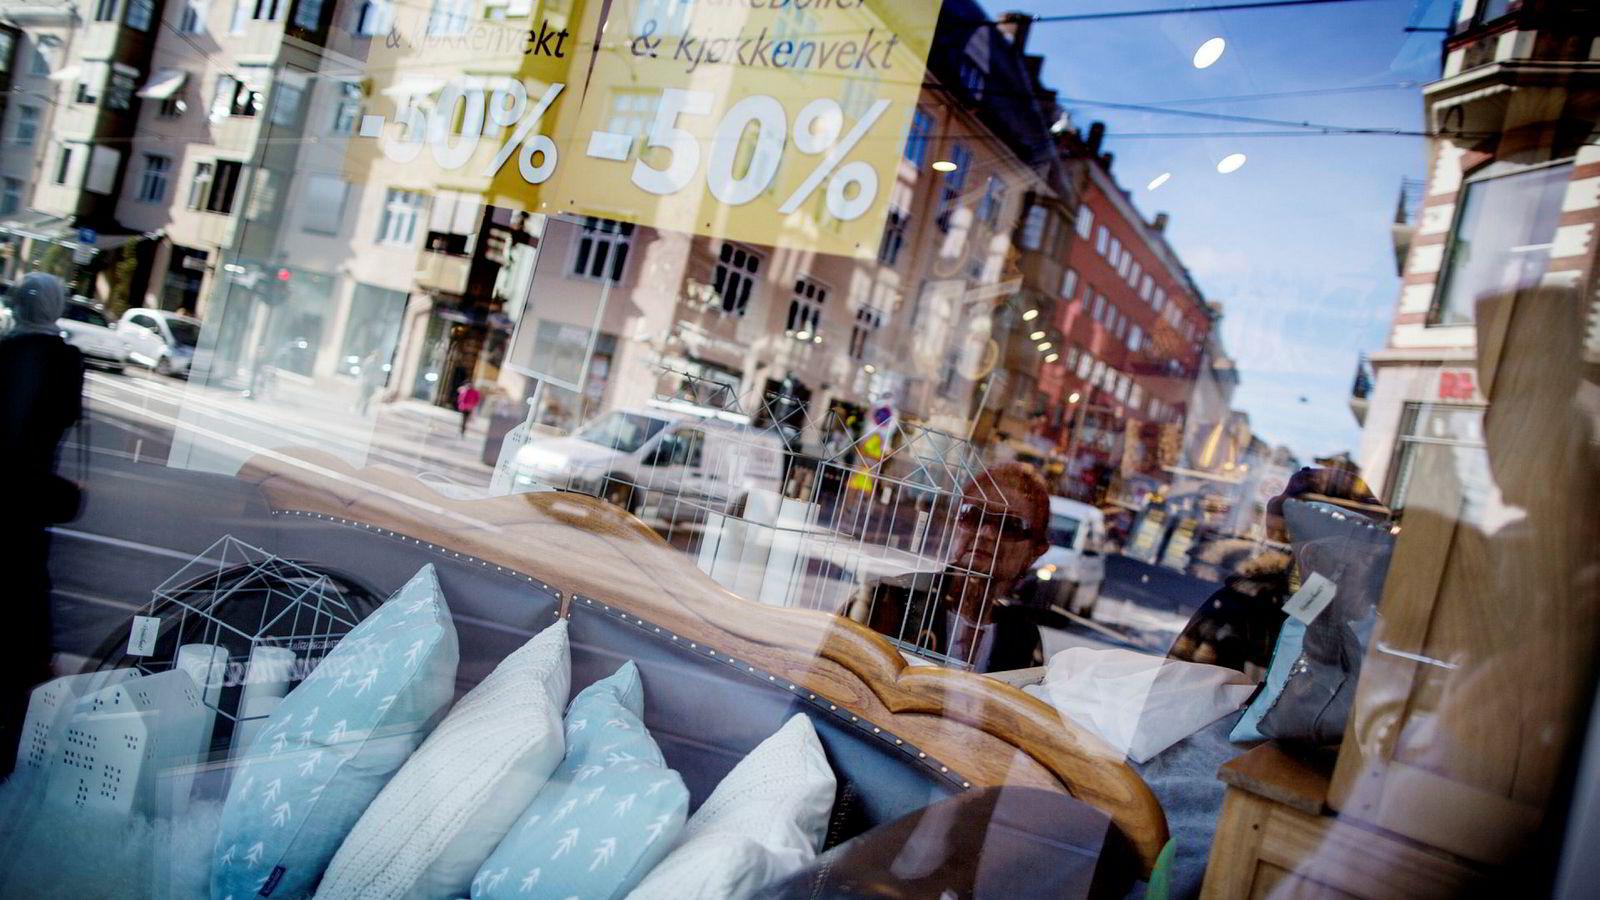 Fredag la SSB frem tall for detaljomsetningen i august. Omsetningen fra møbelbutikker bidro til en vekst på 0,6 prosent i perioden.